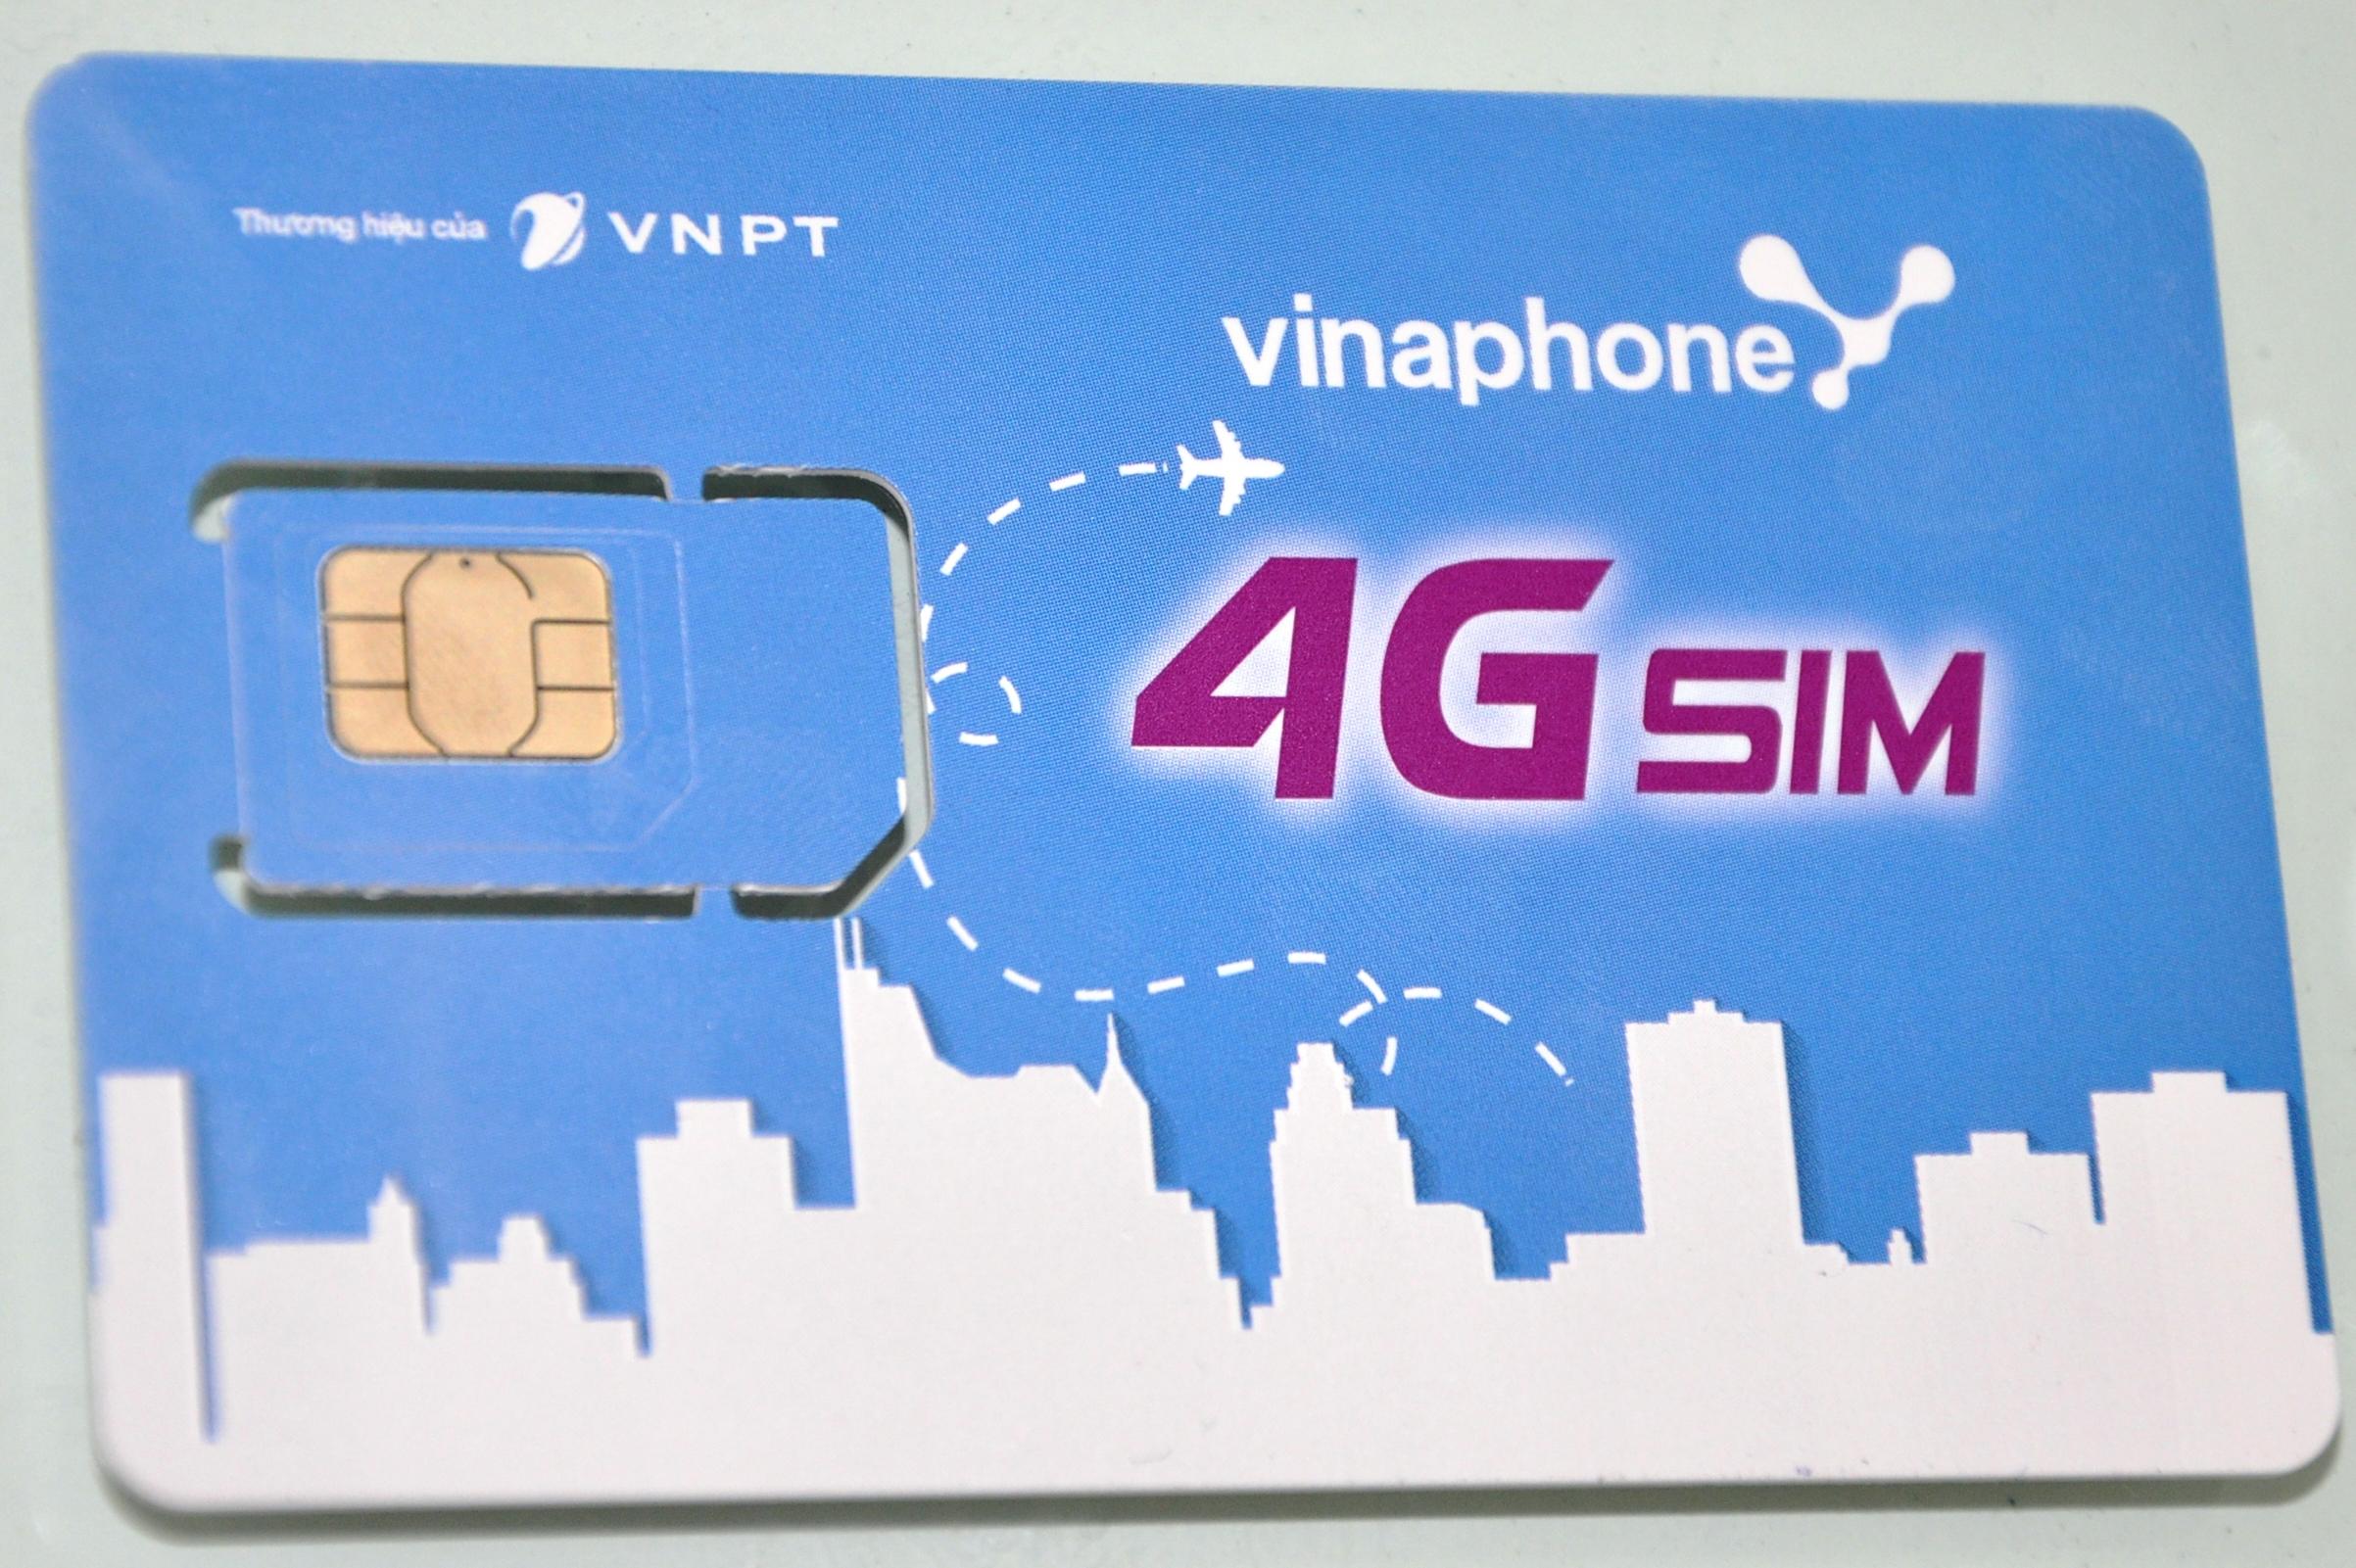 Cách kiểm tra lưu lượng 4G Vinaphone cho sim của bạn